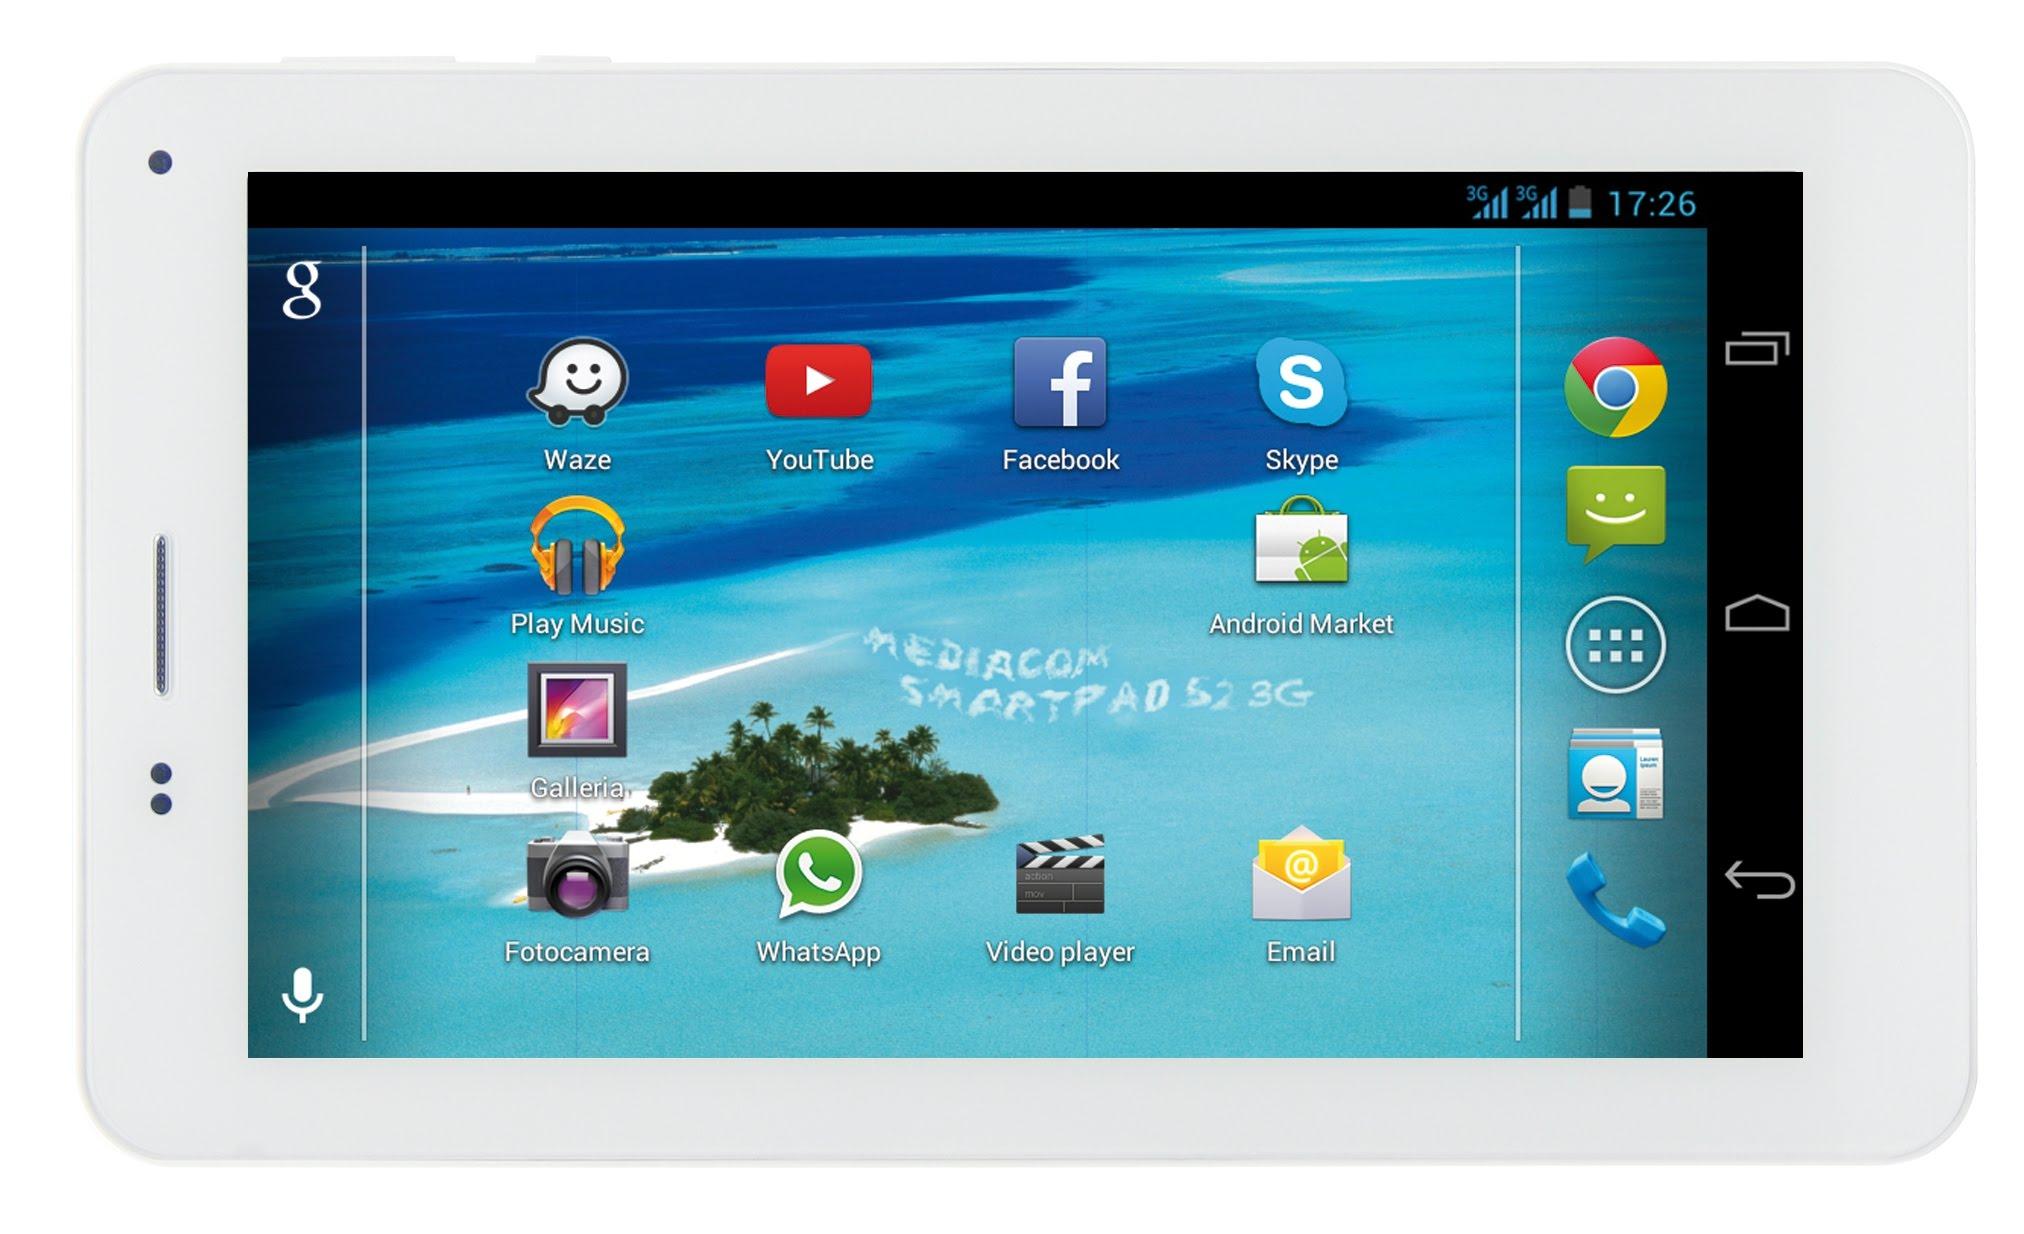 MEDIACOM SMARTPAD 7.0 display